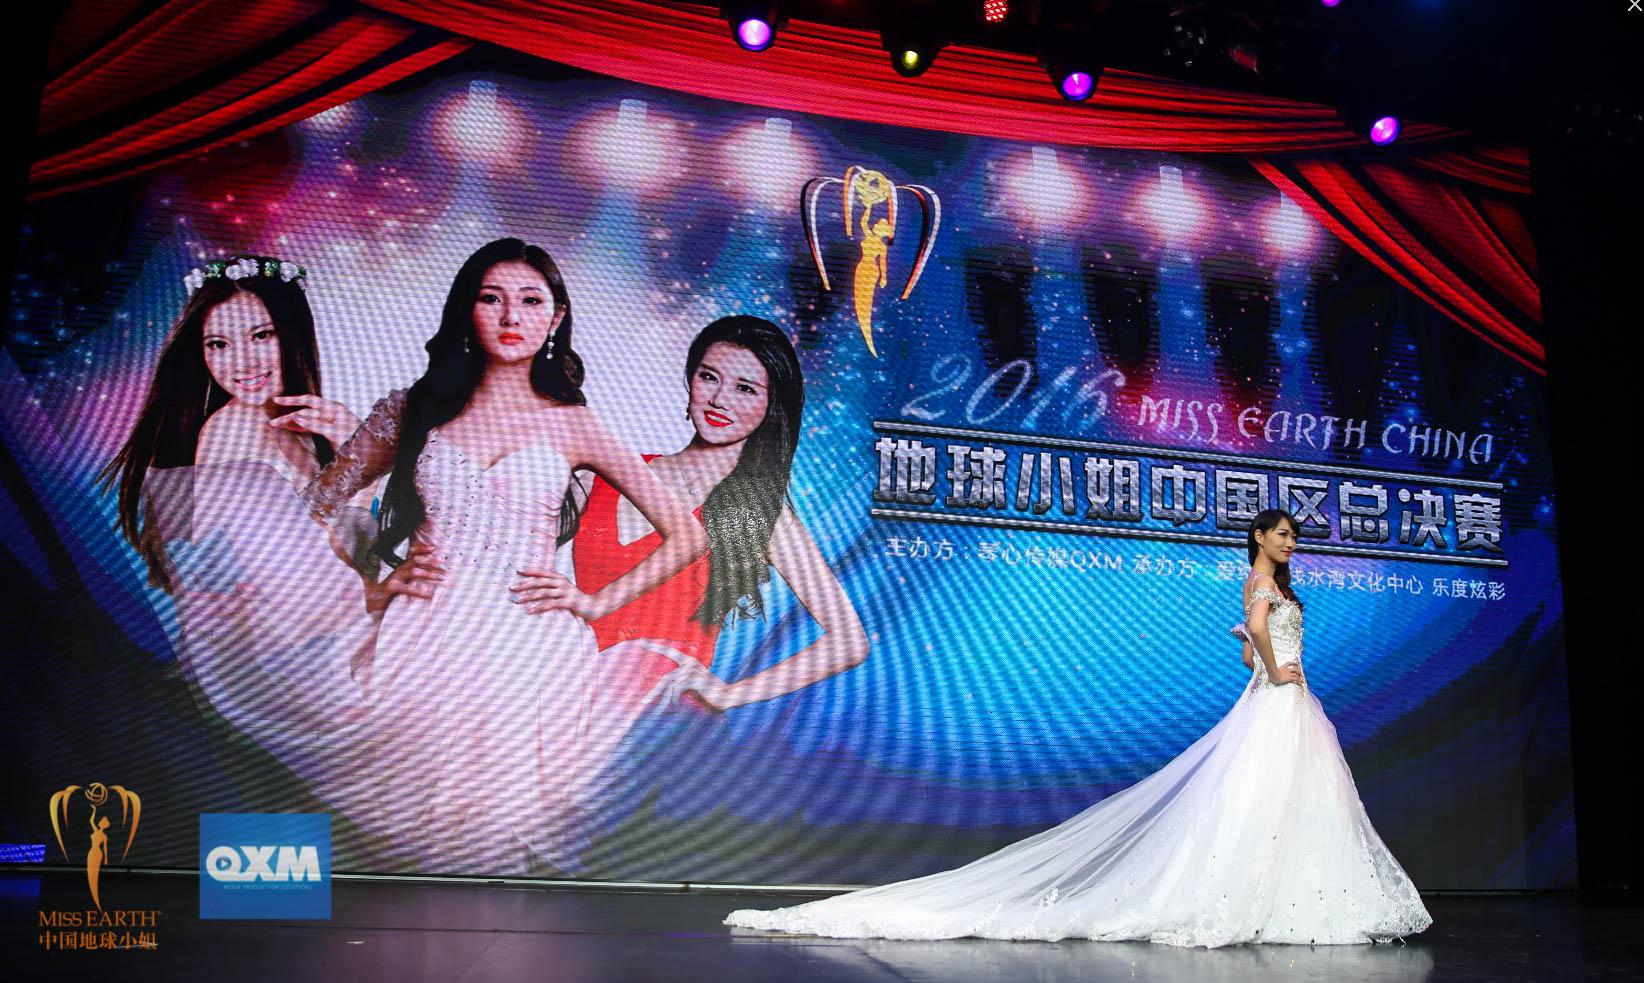 2016地球小姐中国区决赛落下帷幕 刚小晗夺冠